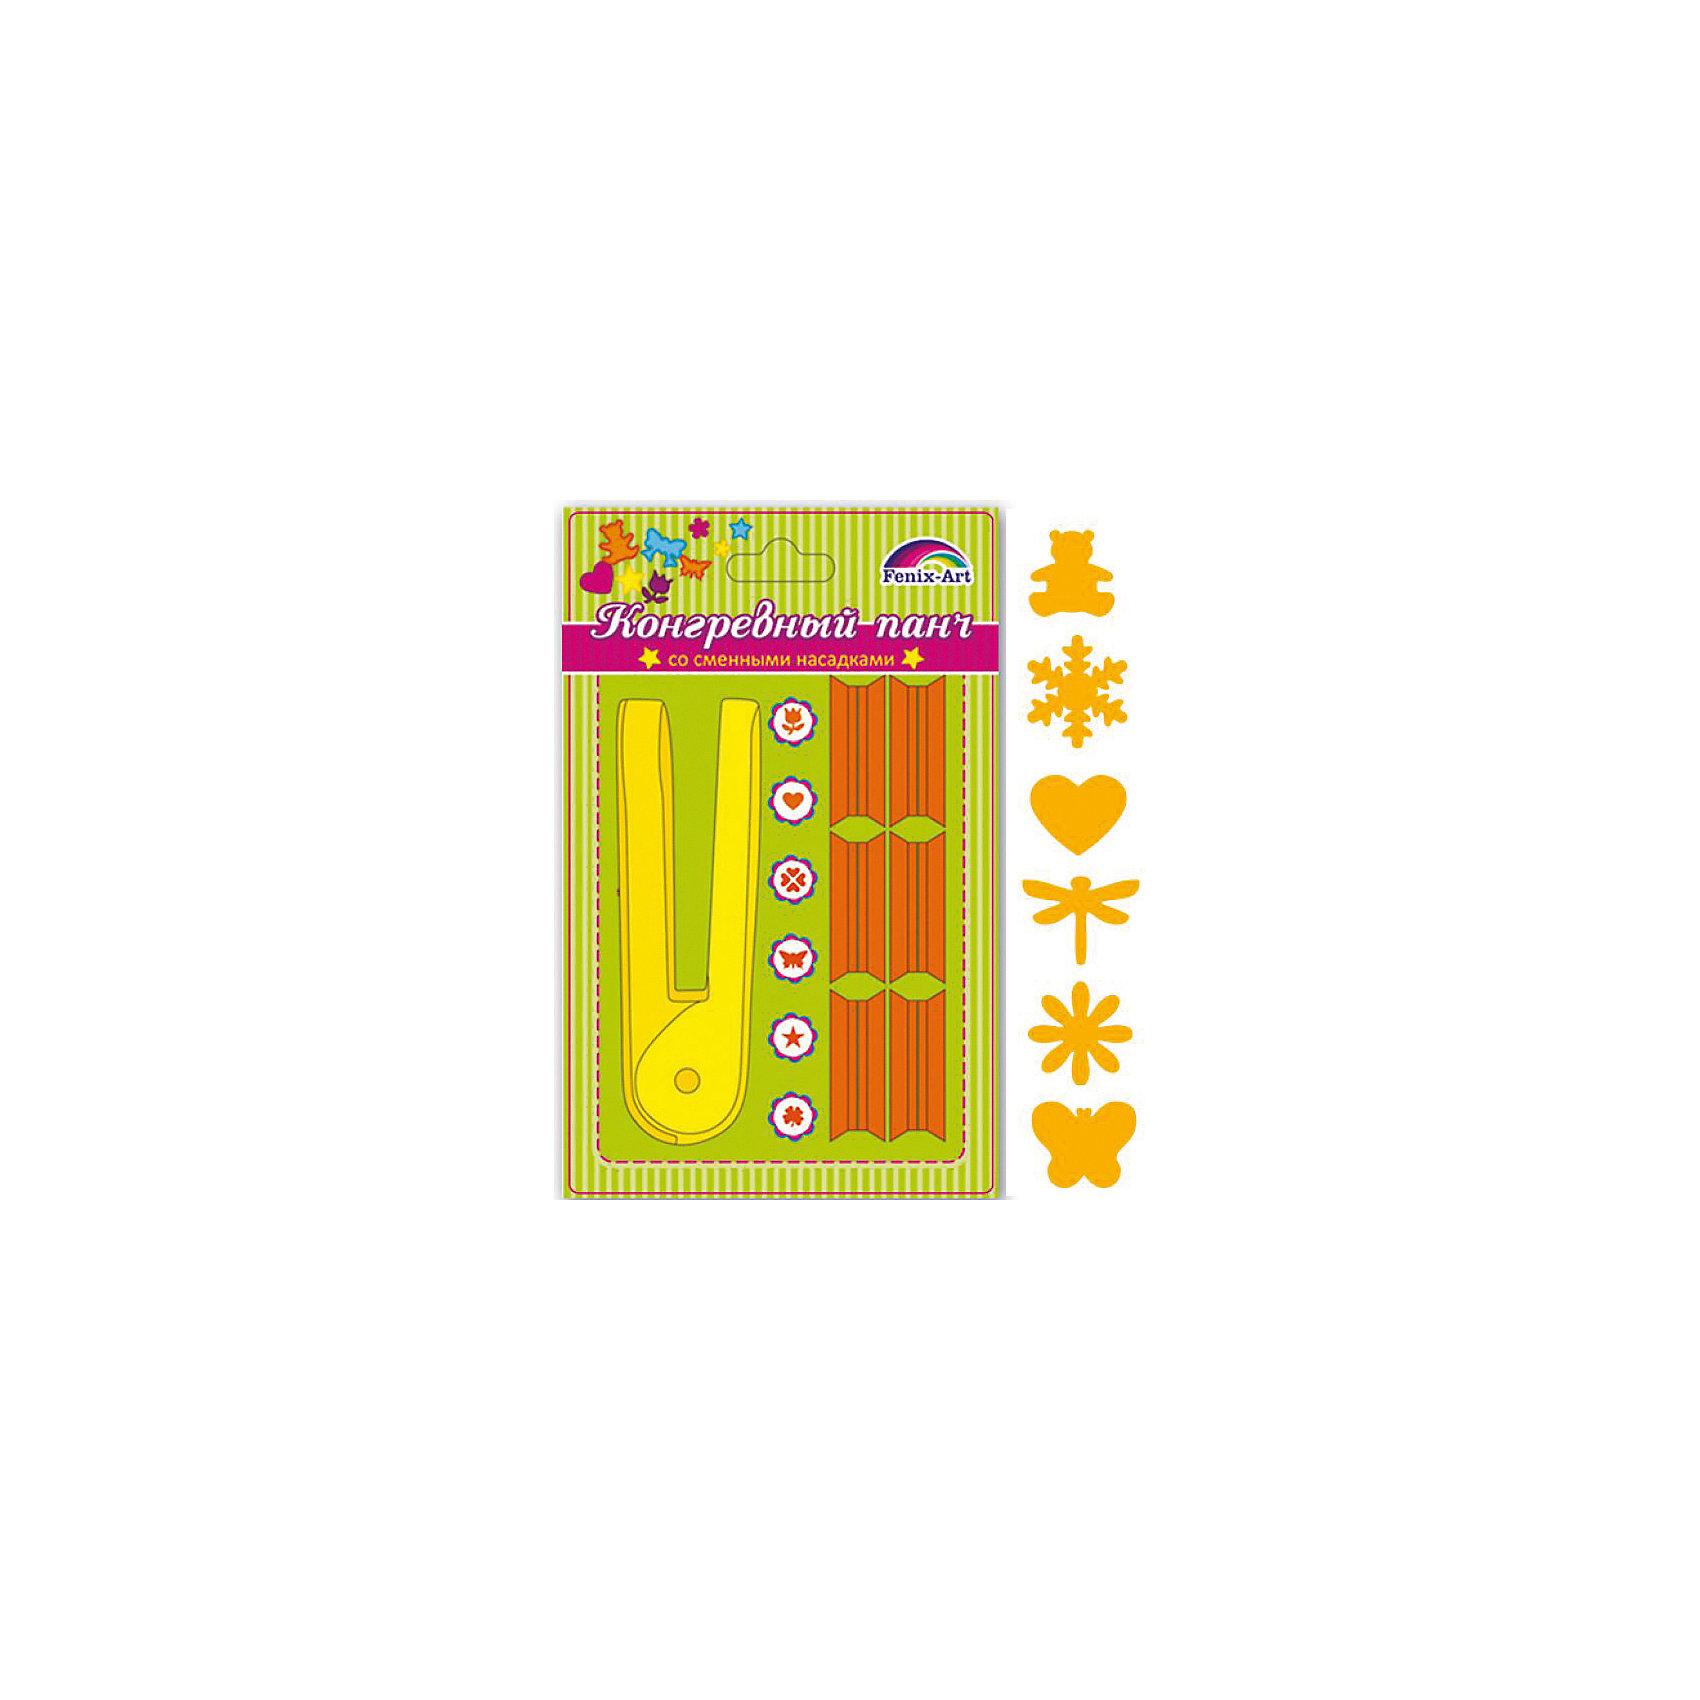 Панч-дырокол конгревный с 6-ю сменными насадкамиСкоро начинается новый учебный год, а значит без новых креативных канцтоваров Вашему малышу не обойтись!<br><br>Дополнительная информация:<br><br>- Возраст: от 6 лет.<br>- 6 сменных насадок:  (мишка, снежинка, сердце, стрекоза, цветок, бабочка). <br>- Размер панча: 9,5х2,6х5,7 см.<br>- Диаметр рисунка: 16 мм.<br>- Размер упаковки: 17х10х3,5 см.<br>- Вес в упаковке: 80 г.<br><br>Купить панч-дырокол с 6-ю сменными насадками, можно в нашем магазине.<br><br>Ширина мм: 170<br>Глубина мм: 100<br>Высота мм: 35<br>Вес г: 80<br>Возраст от месяцев: 72<br>Возраст до месяцев: 2147483647<br>Пол: Унисекс<br>Возраст: Детский<br>SKU: 4943637